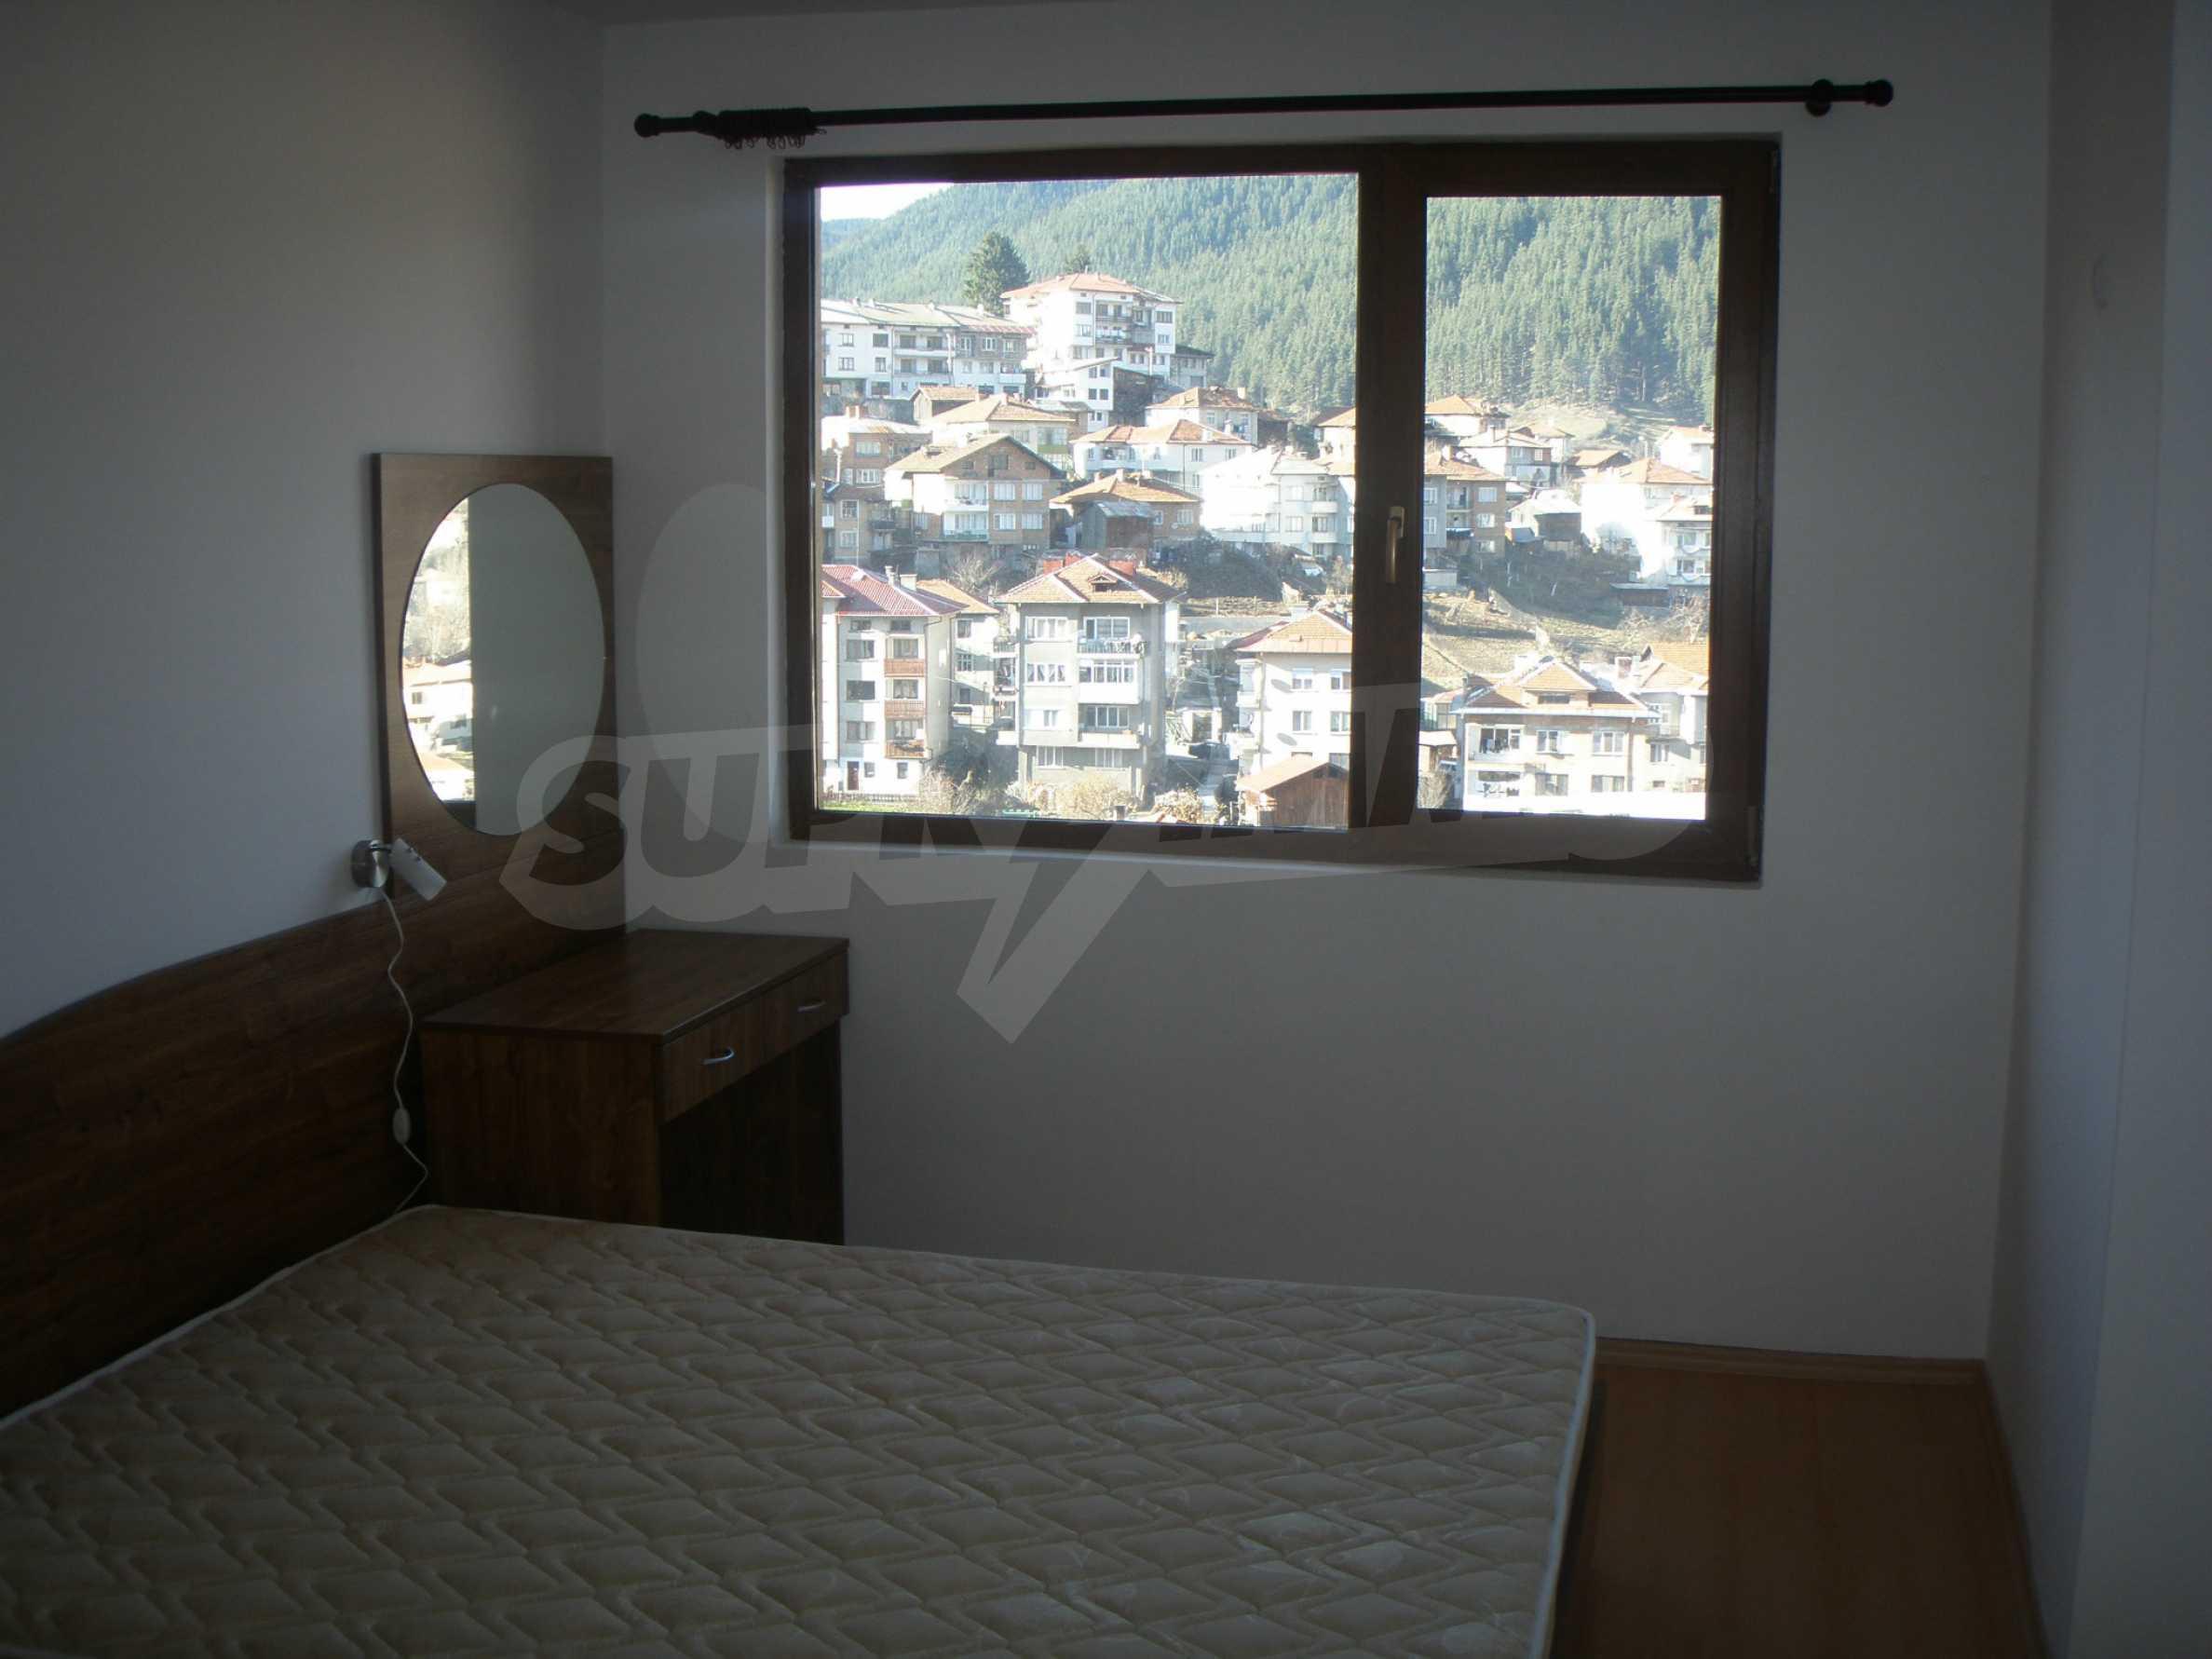 Ваканционни апартаменти без такса поддръжка, на 5 мин от ски писта в Чепеларе 12